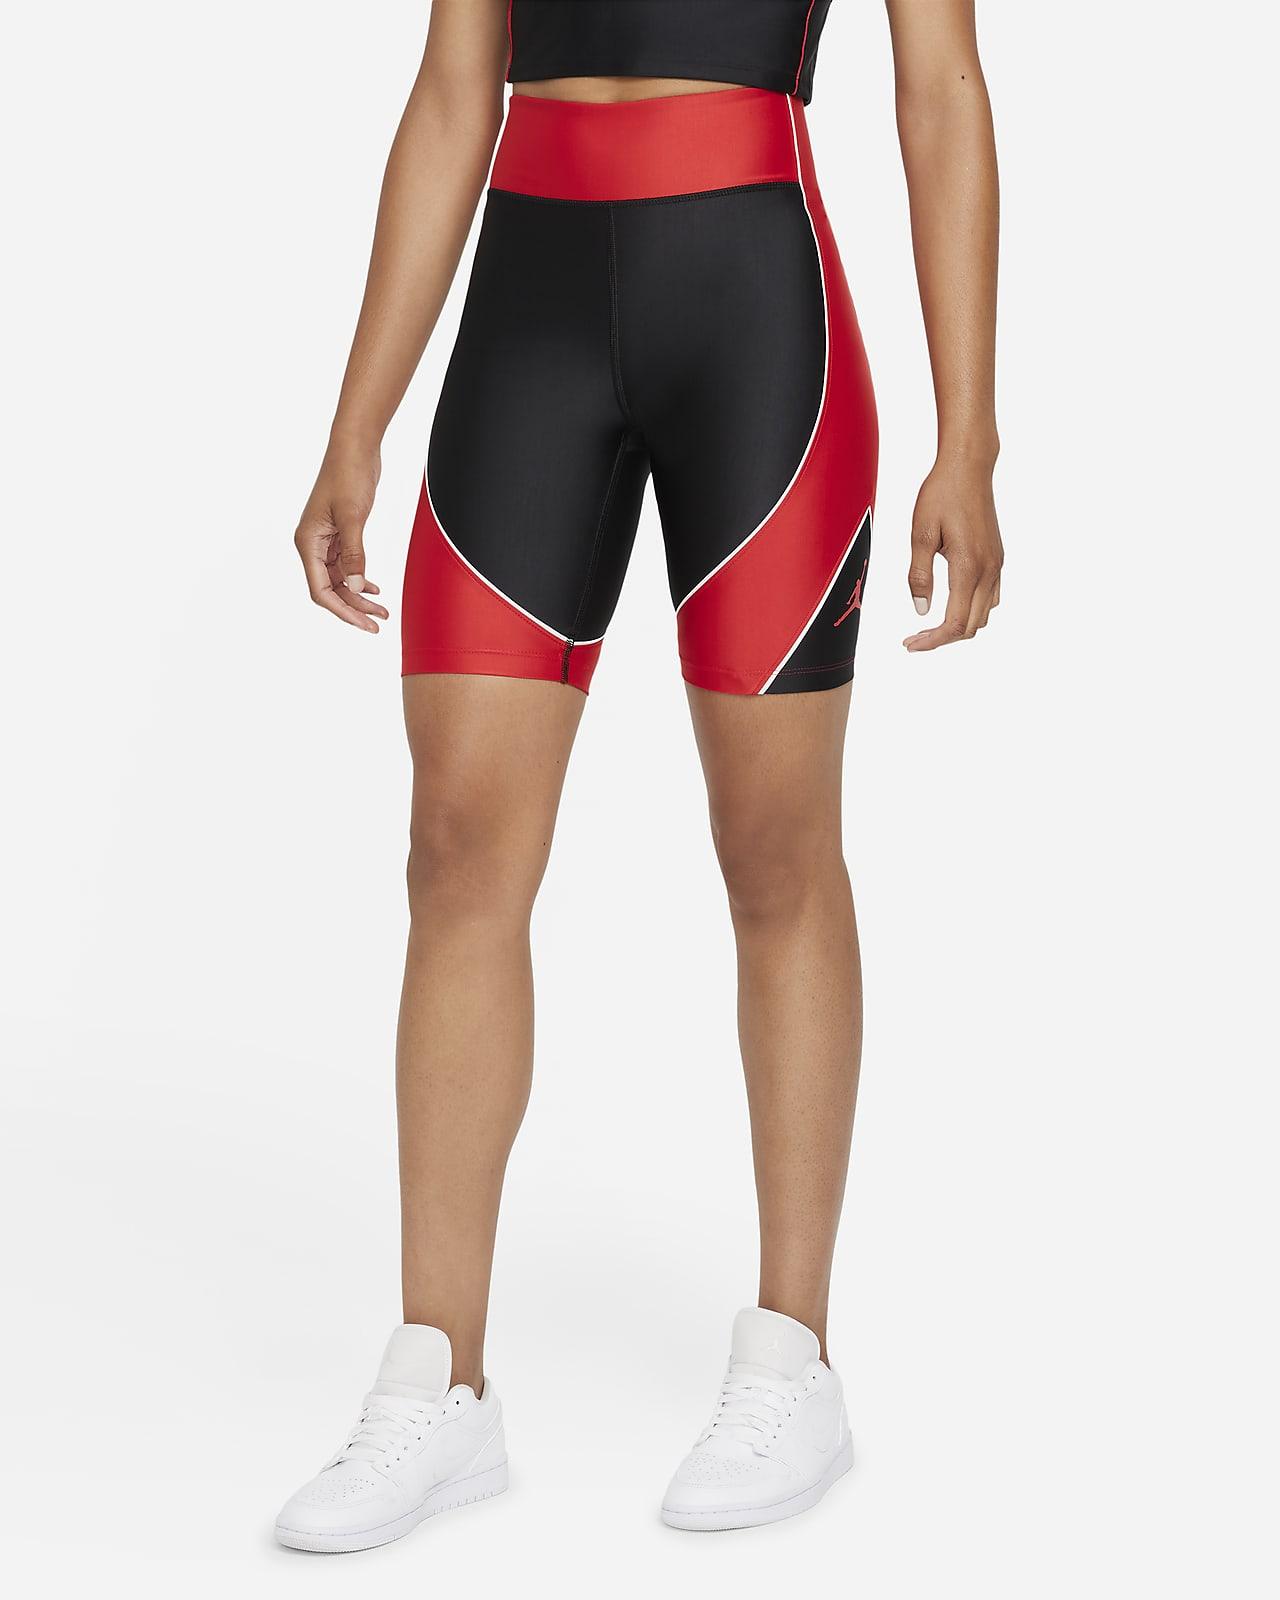 Jordan Essential Quai 54 Women's Bike Shorts